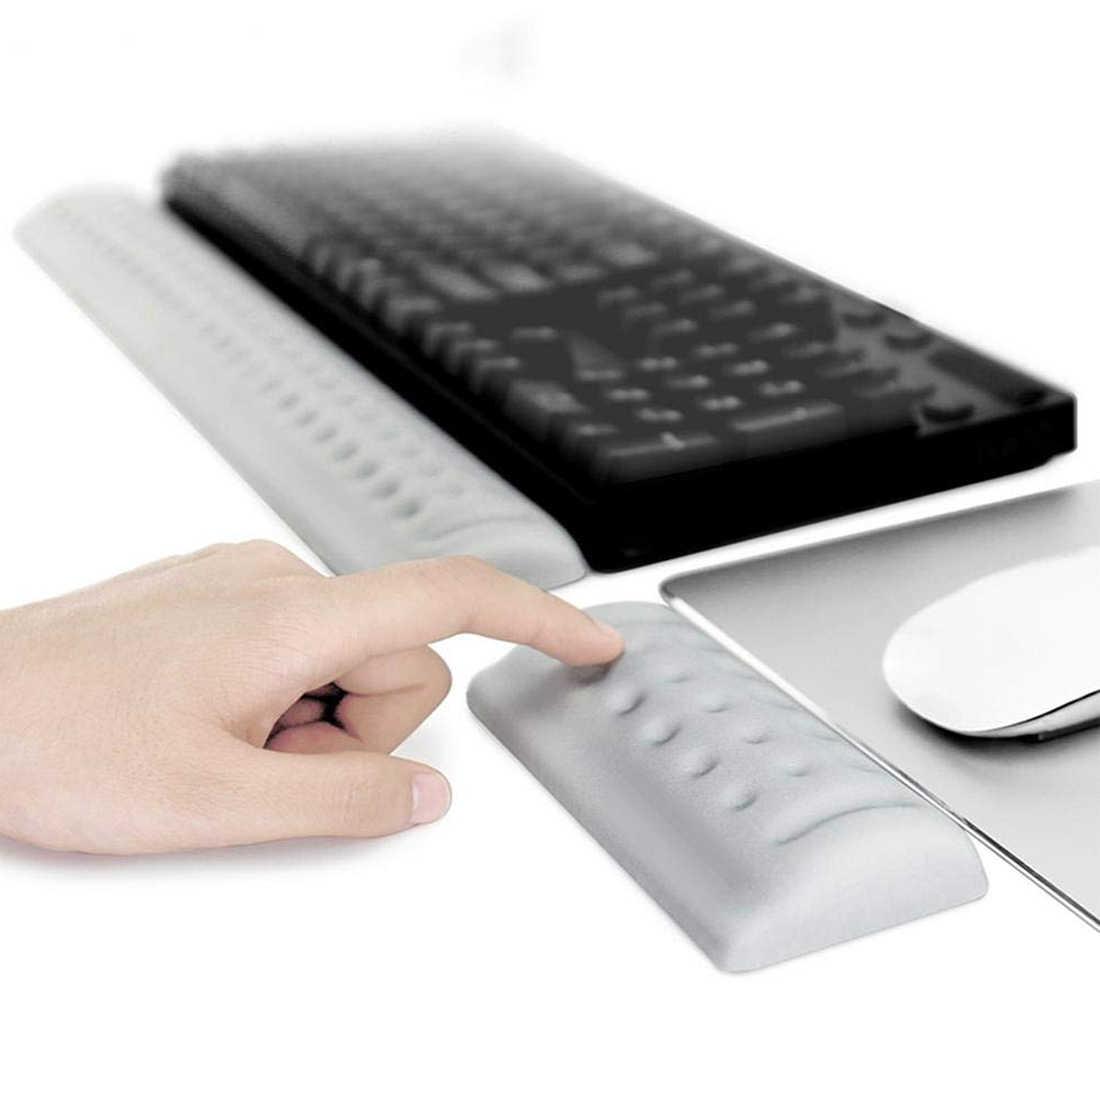 キーボードリストレストパッドマウスリストレストパッド人間工学低反発セットコンフォートパッドオフィスコンピュータのラップトップのための